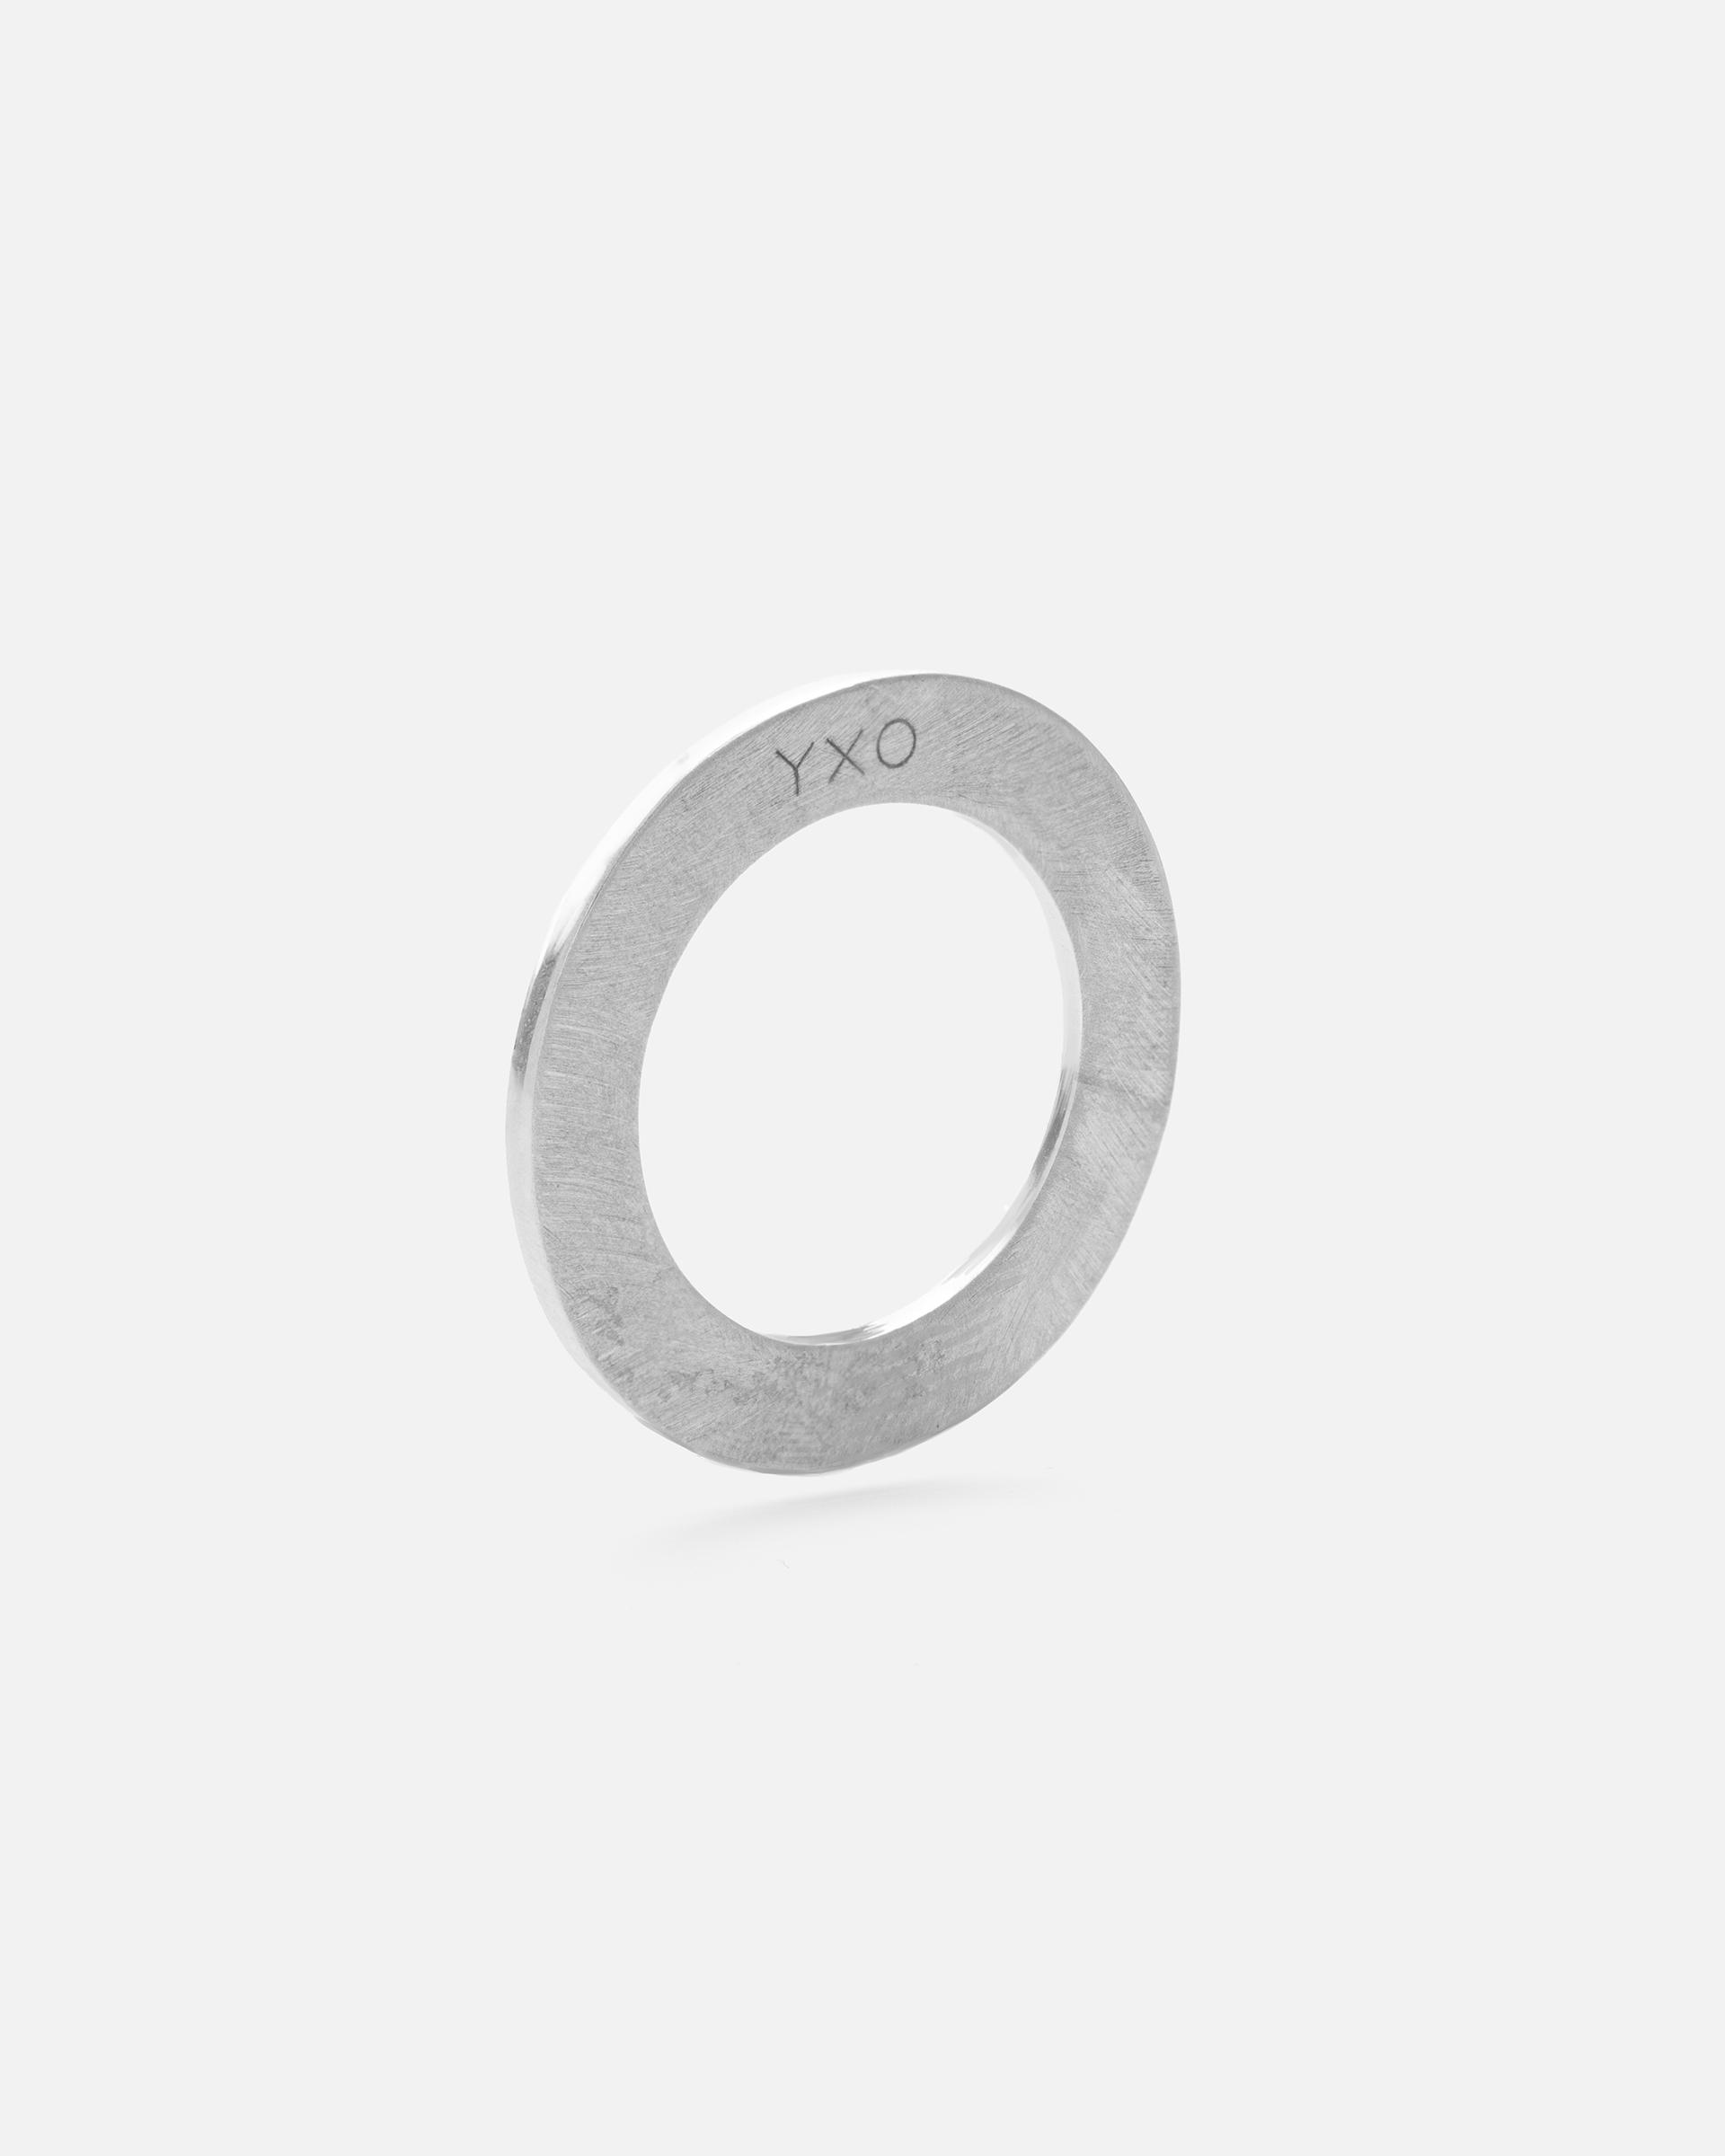 Вертикальное кольцо Совершенный круг